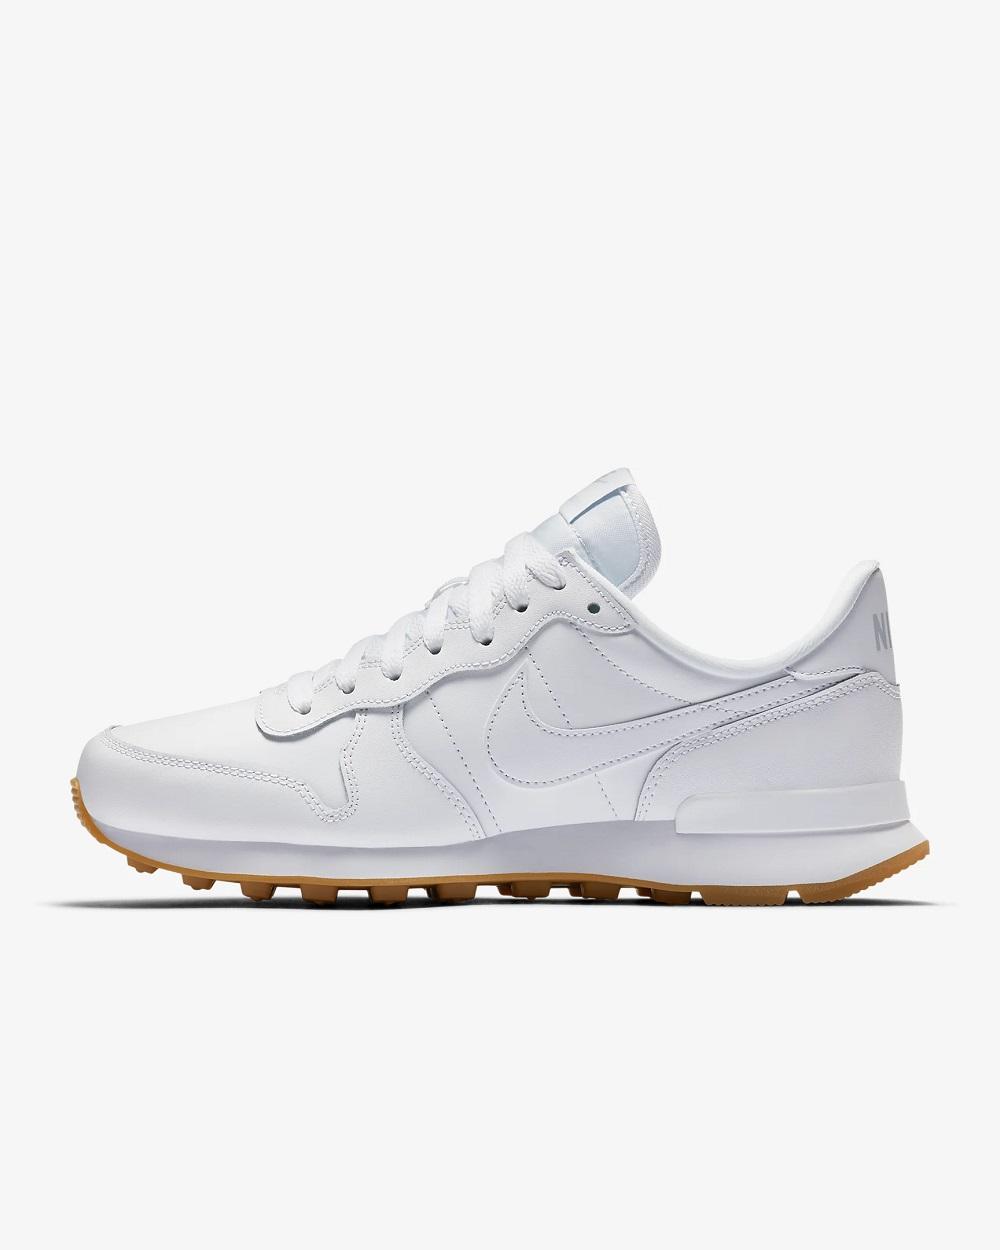 Nike Internationalist bijele tenisice 2021.